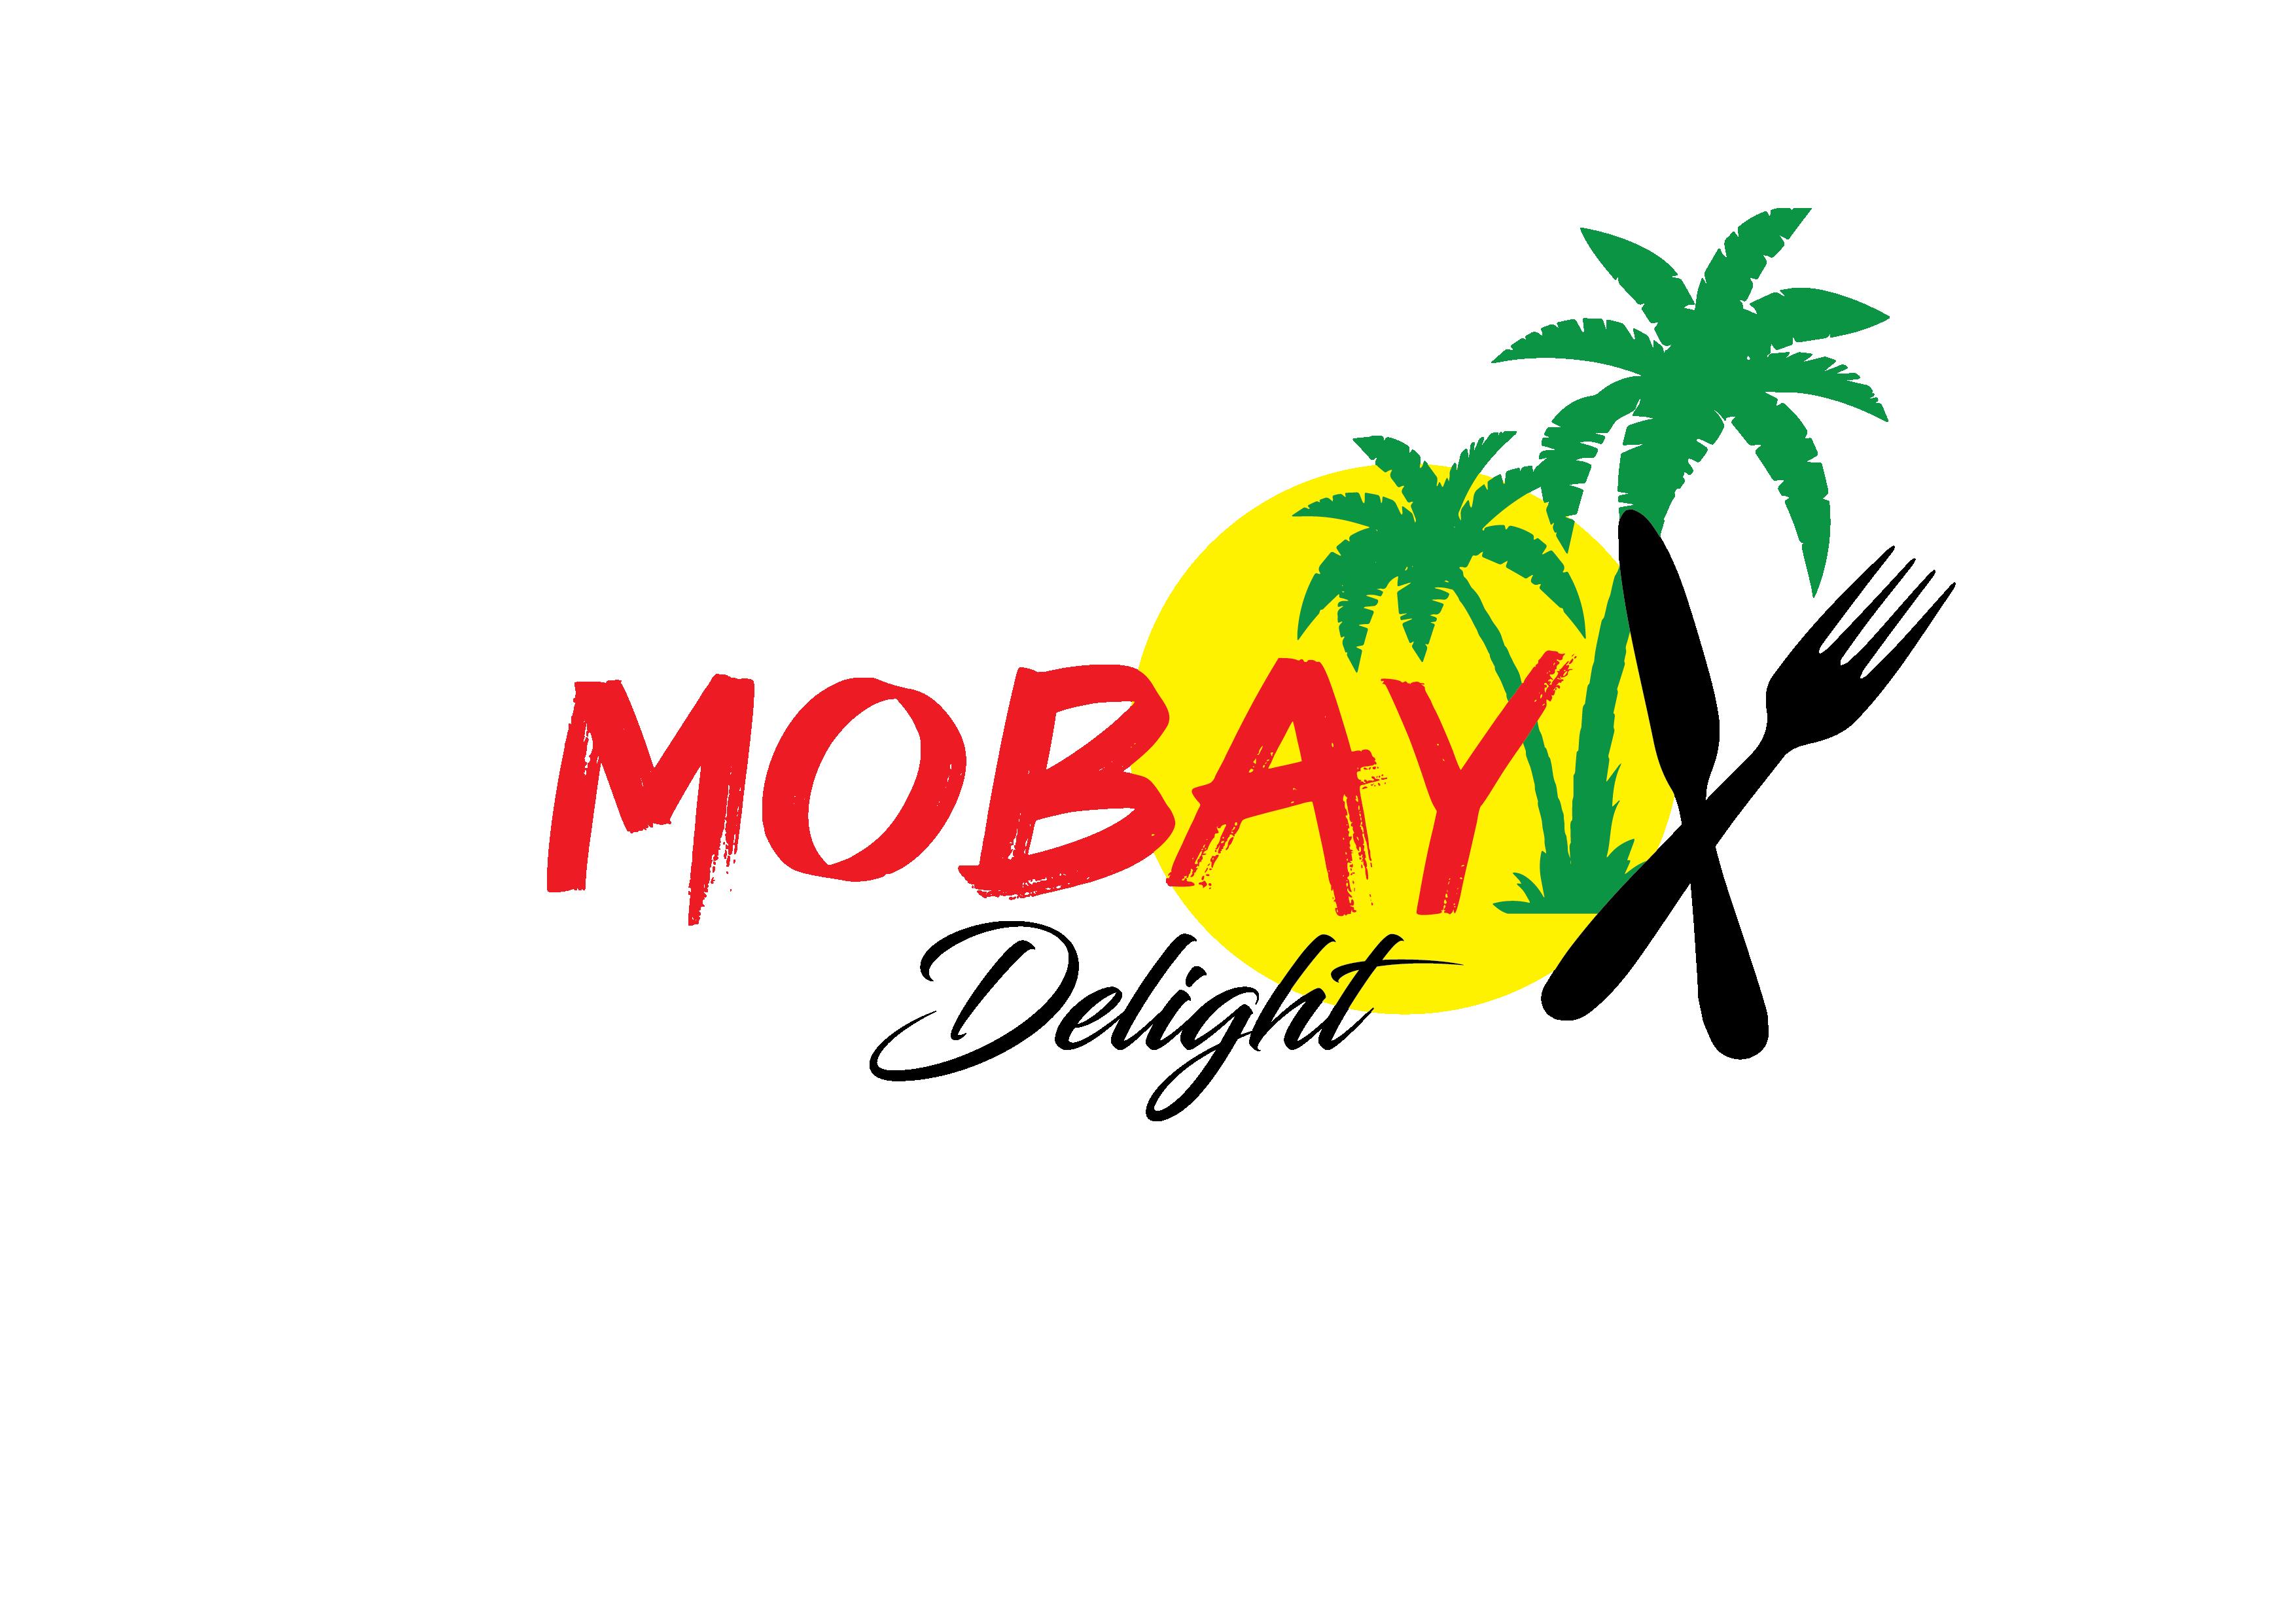 MoBay Delight